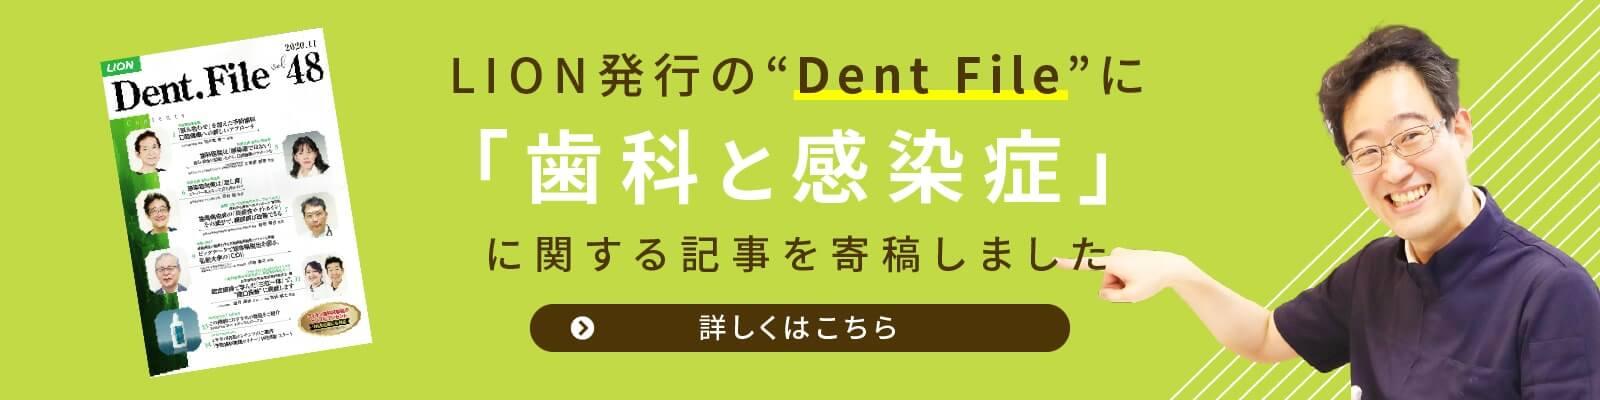 歯科と感染症